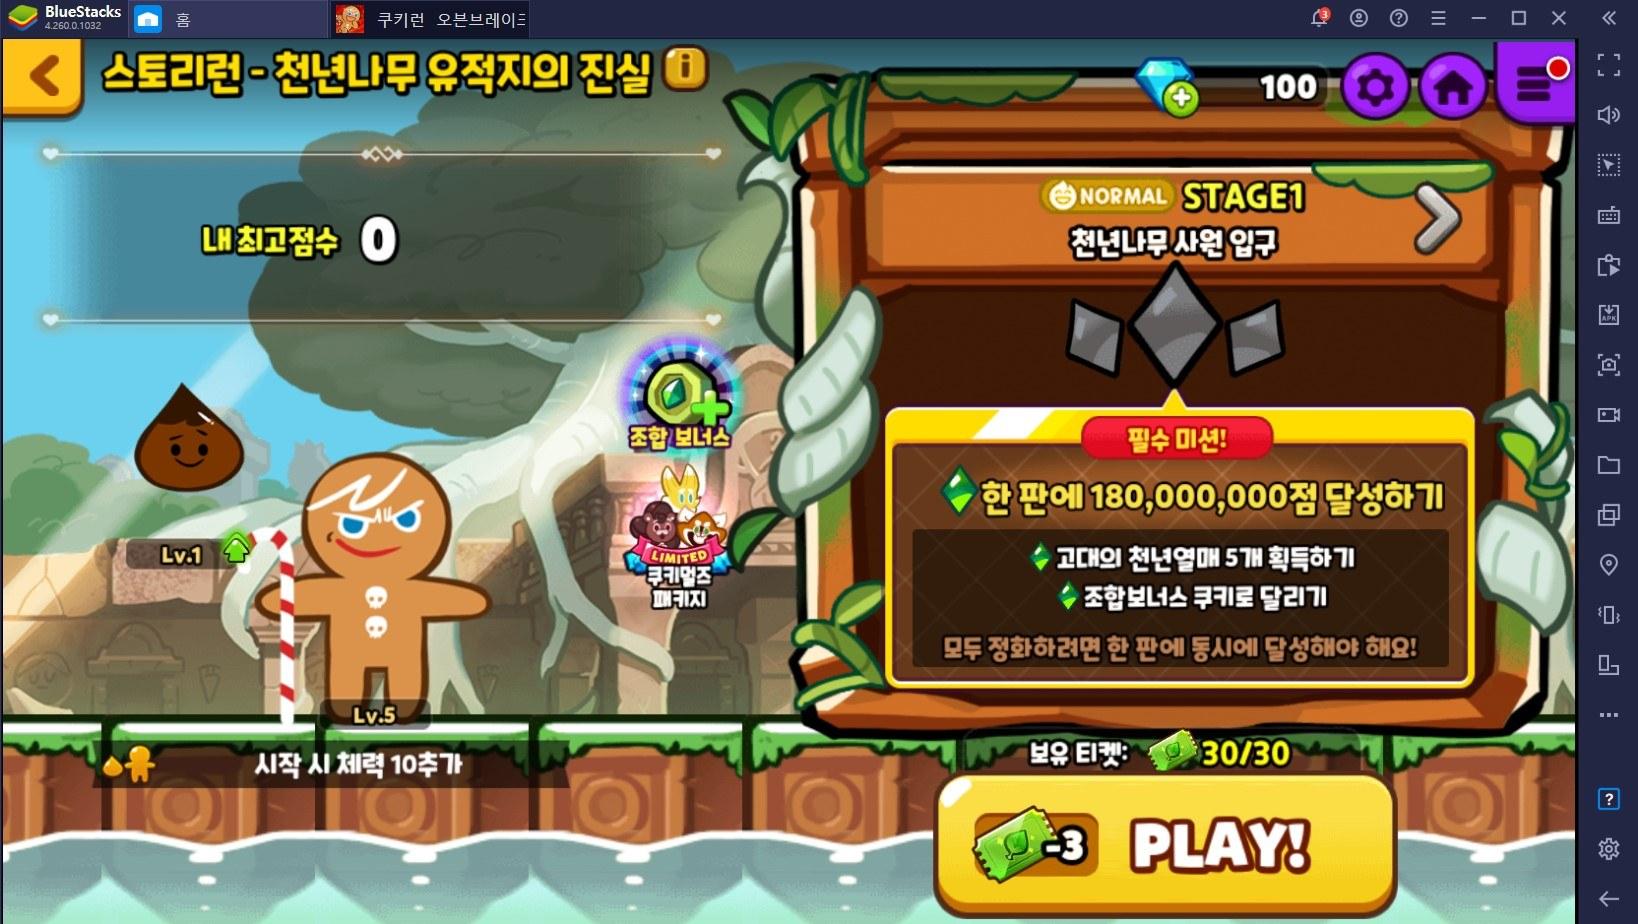 쿠키런: 킹덤과 함께 PC에서 즐겨봐요, 쿠키런 오븐브레이크에 신규 쿠키 쿠키멀즈 등장!